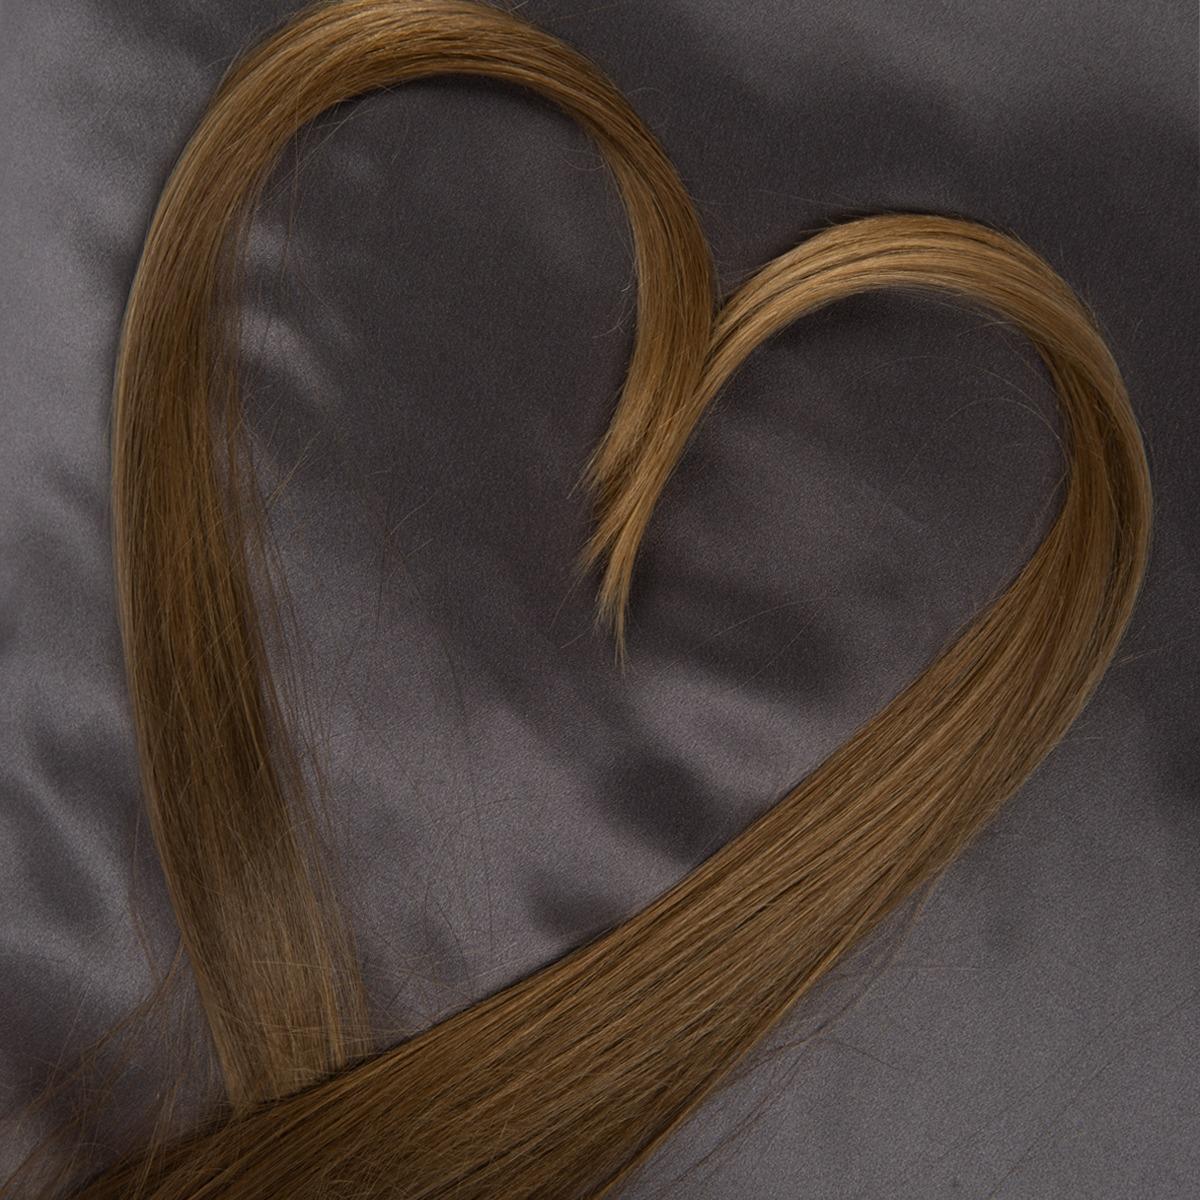 vpliv svile na lase